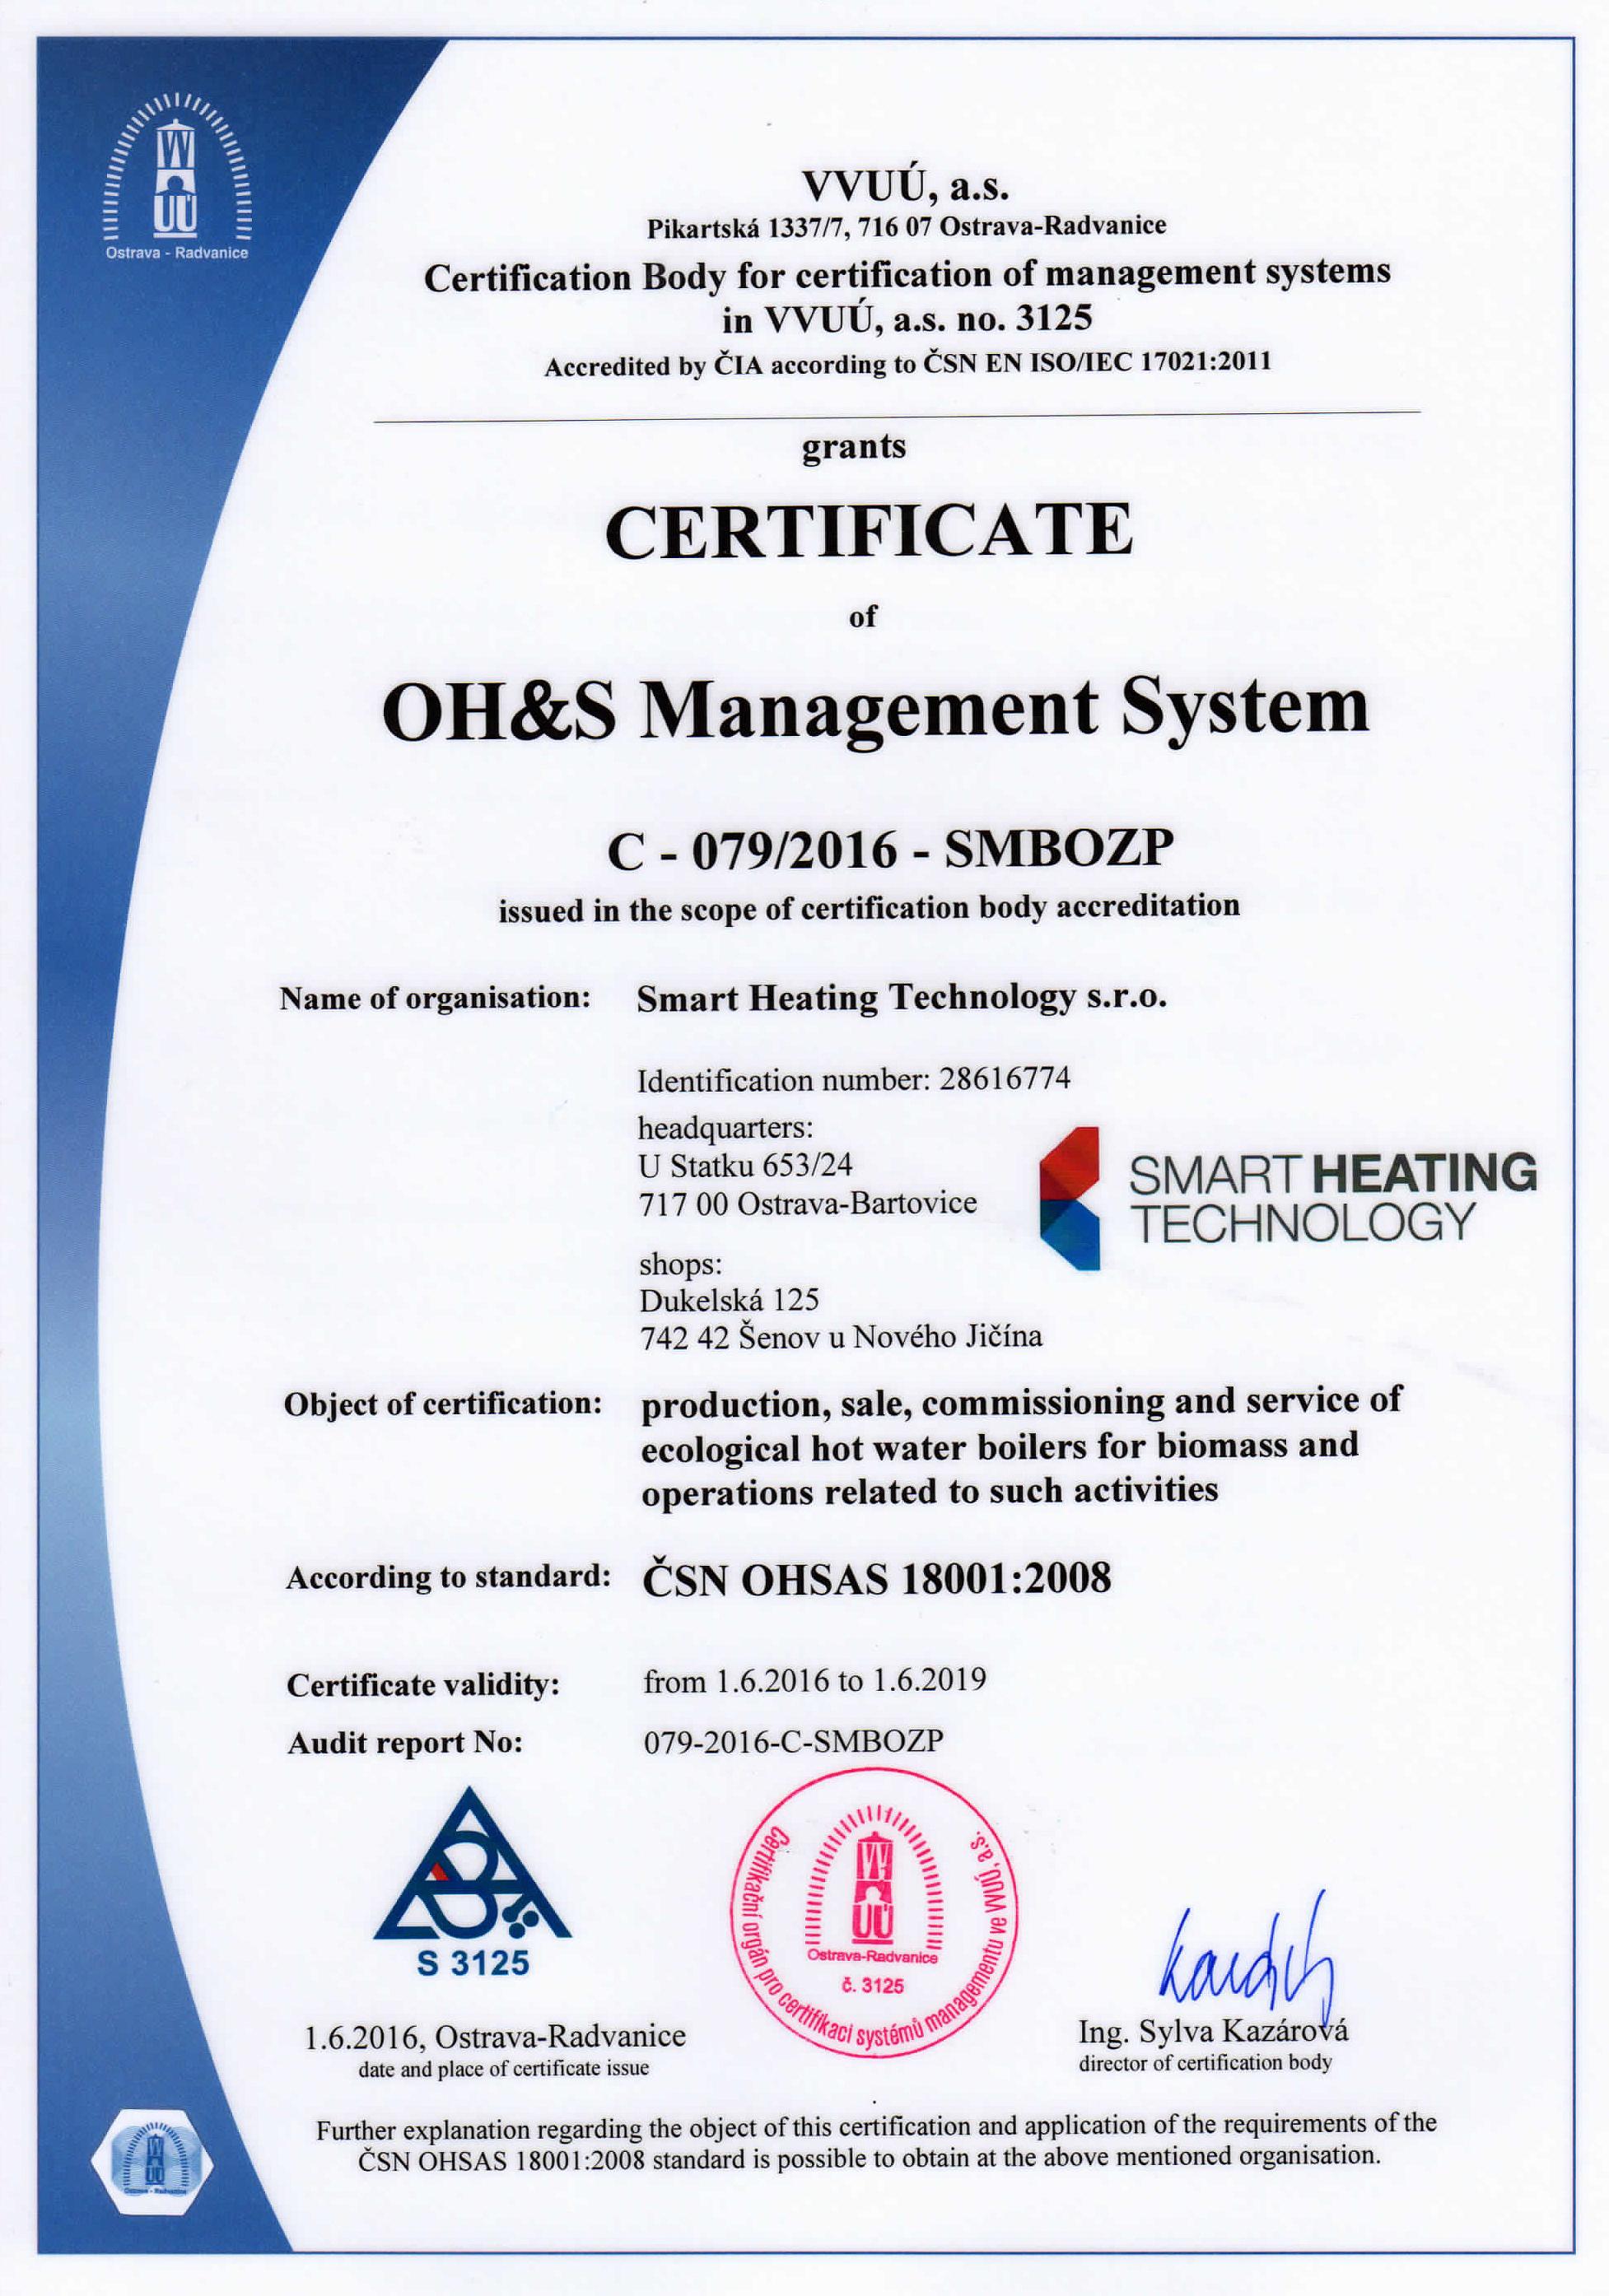 certifikat-c-079_2016-smbozp-eng